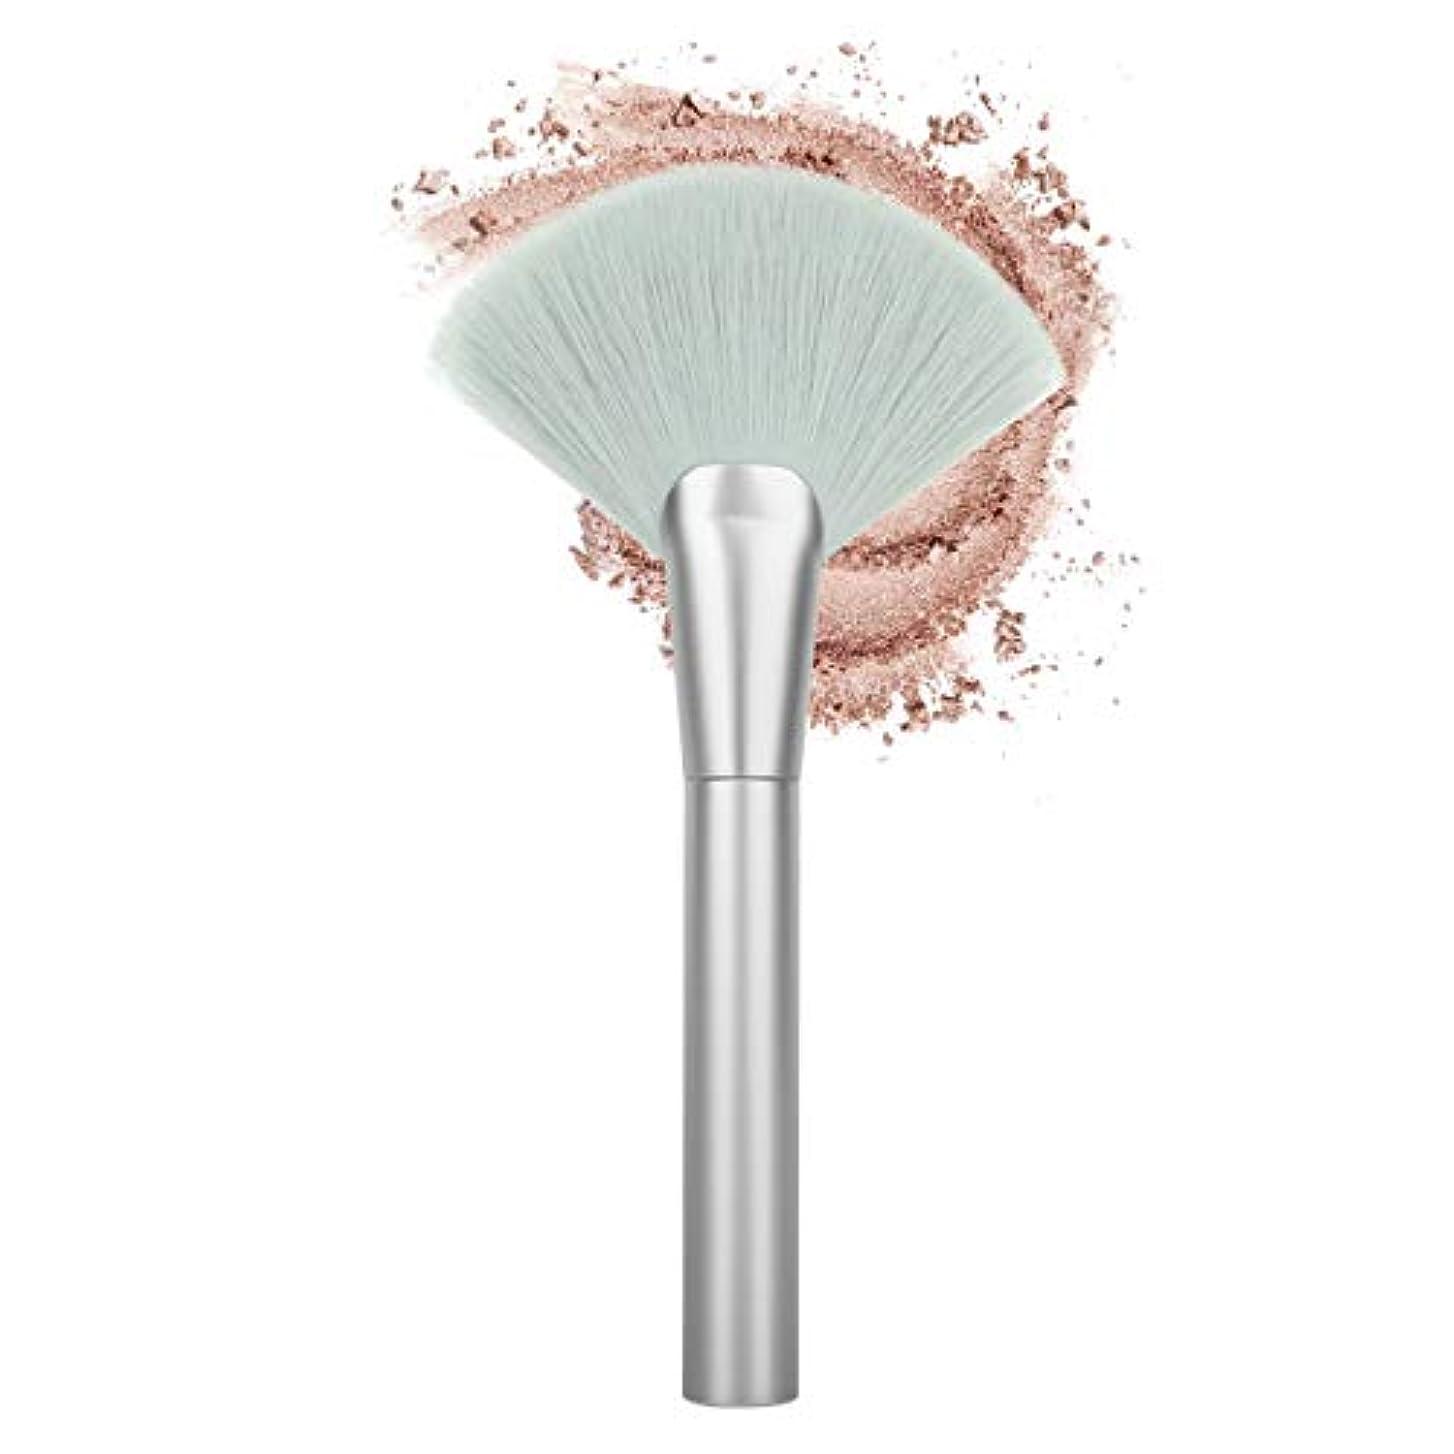 実際ビリーハリケーンLuxspire メイクブラシ 化粧 ブラシ 1本 ファンデーションブラシ シャドウ フェイスブラシ 高級 化粧筆 扇形 ふわふわ 敏感肌適用 高級タクロン 清らか 緑銀色